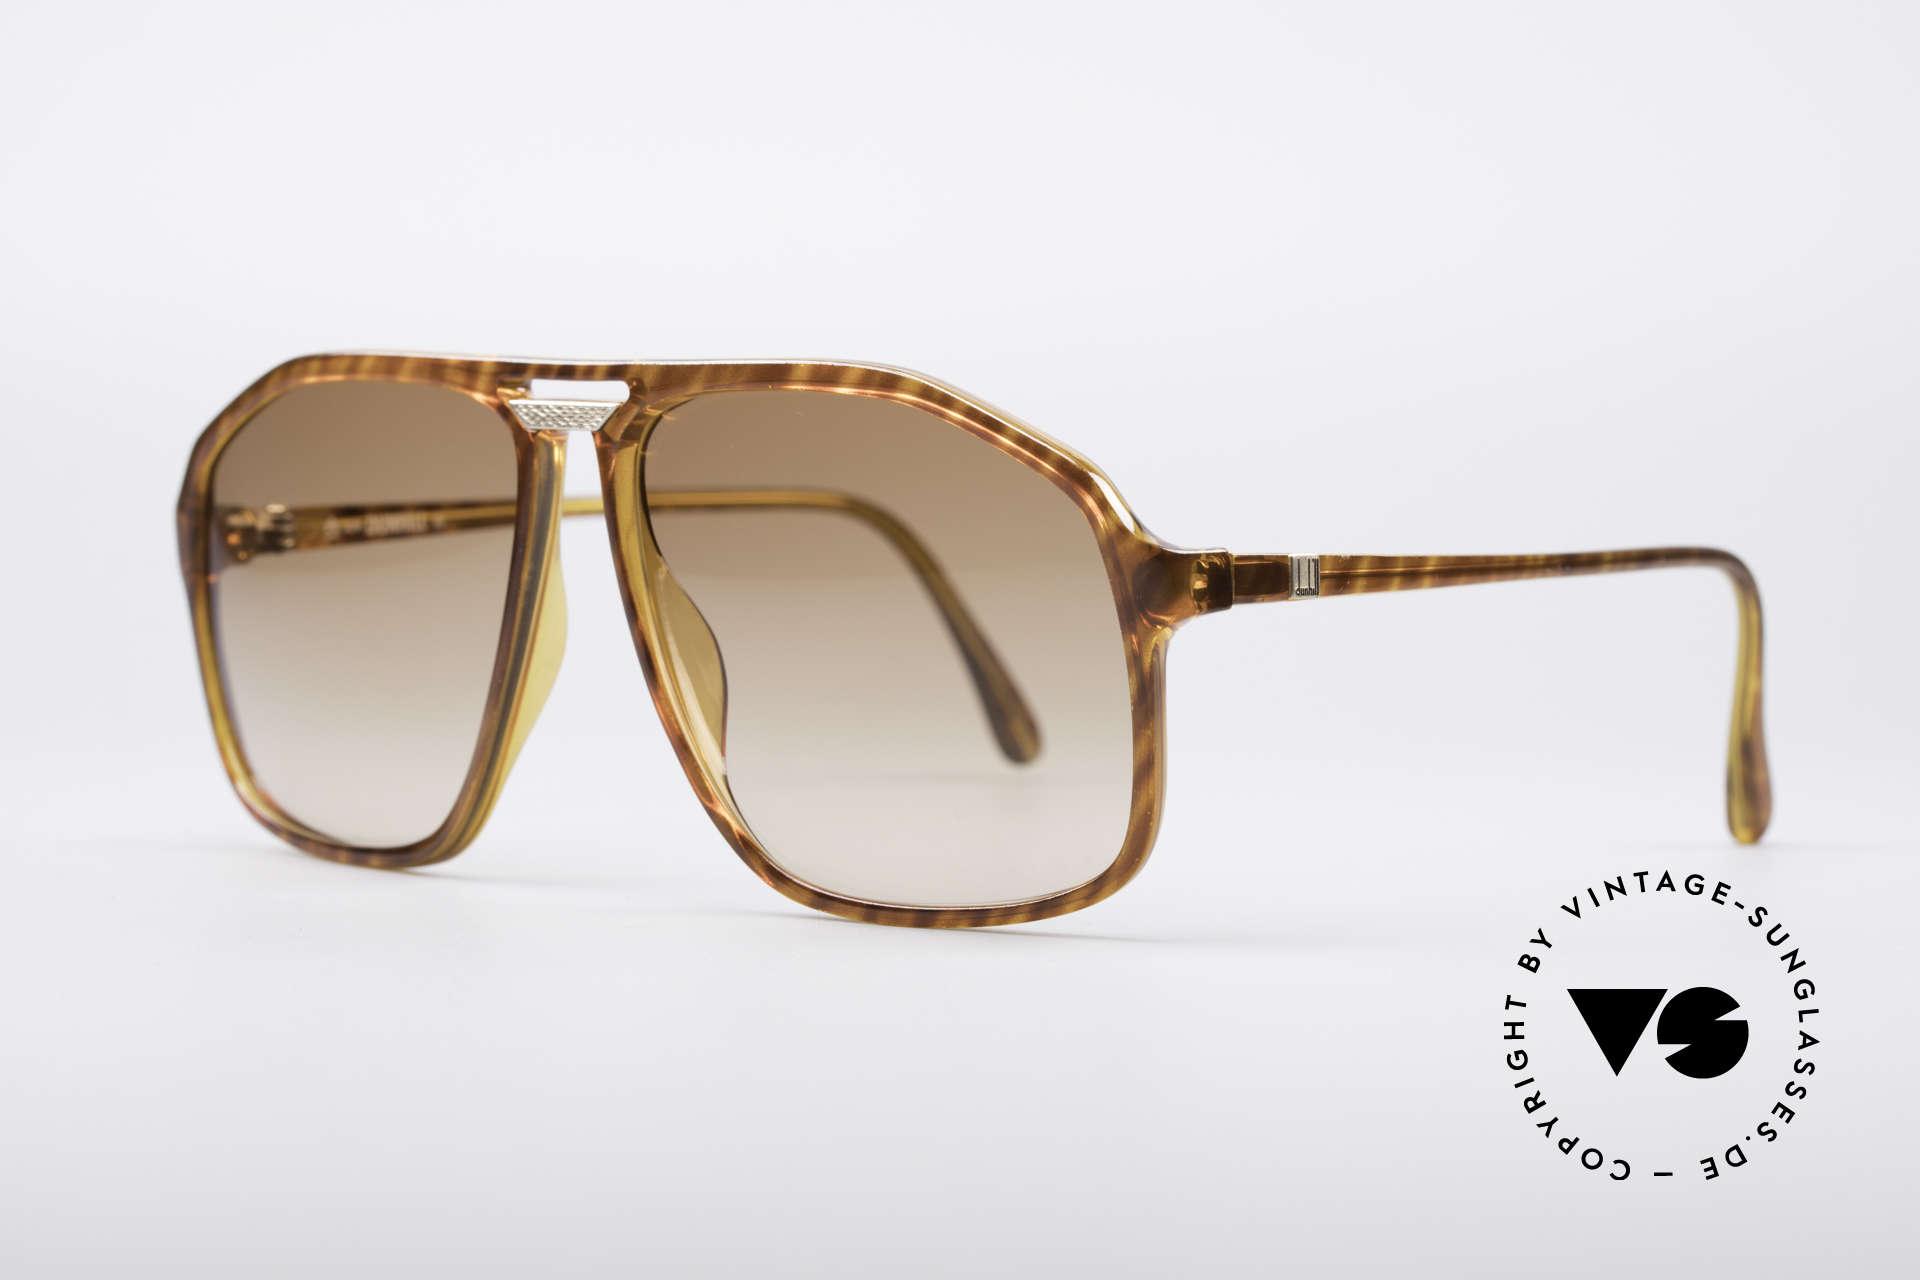 Dunhill 6097 Luxus Herren Sonnenbrille M, Luxus-Modell für den Herrn; Qualität und Lifestyle pur, Passend für Herren